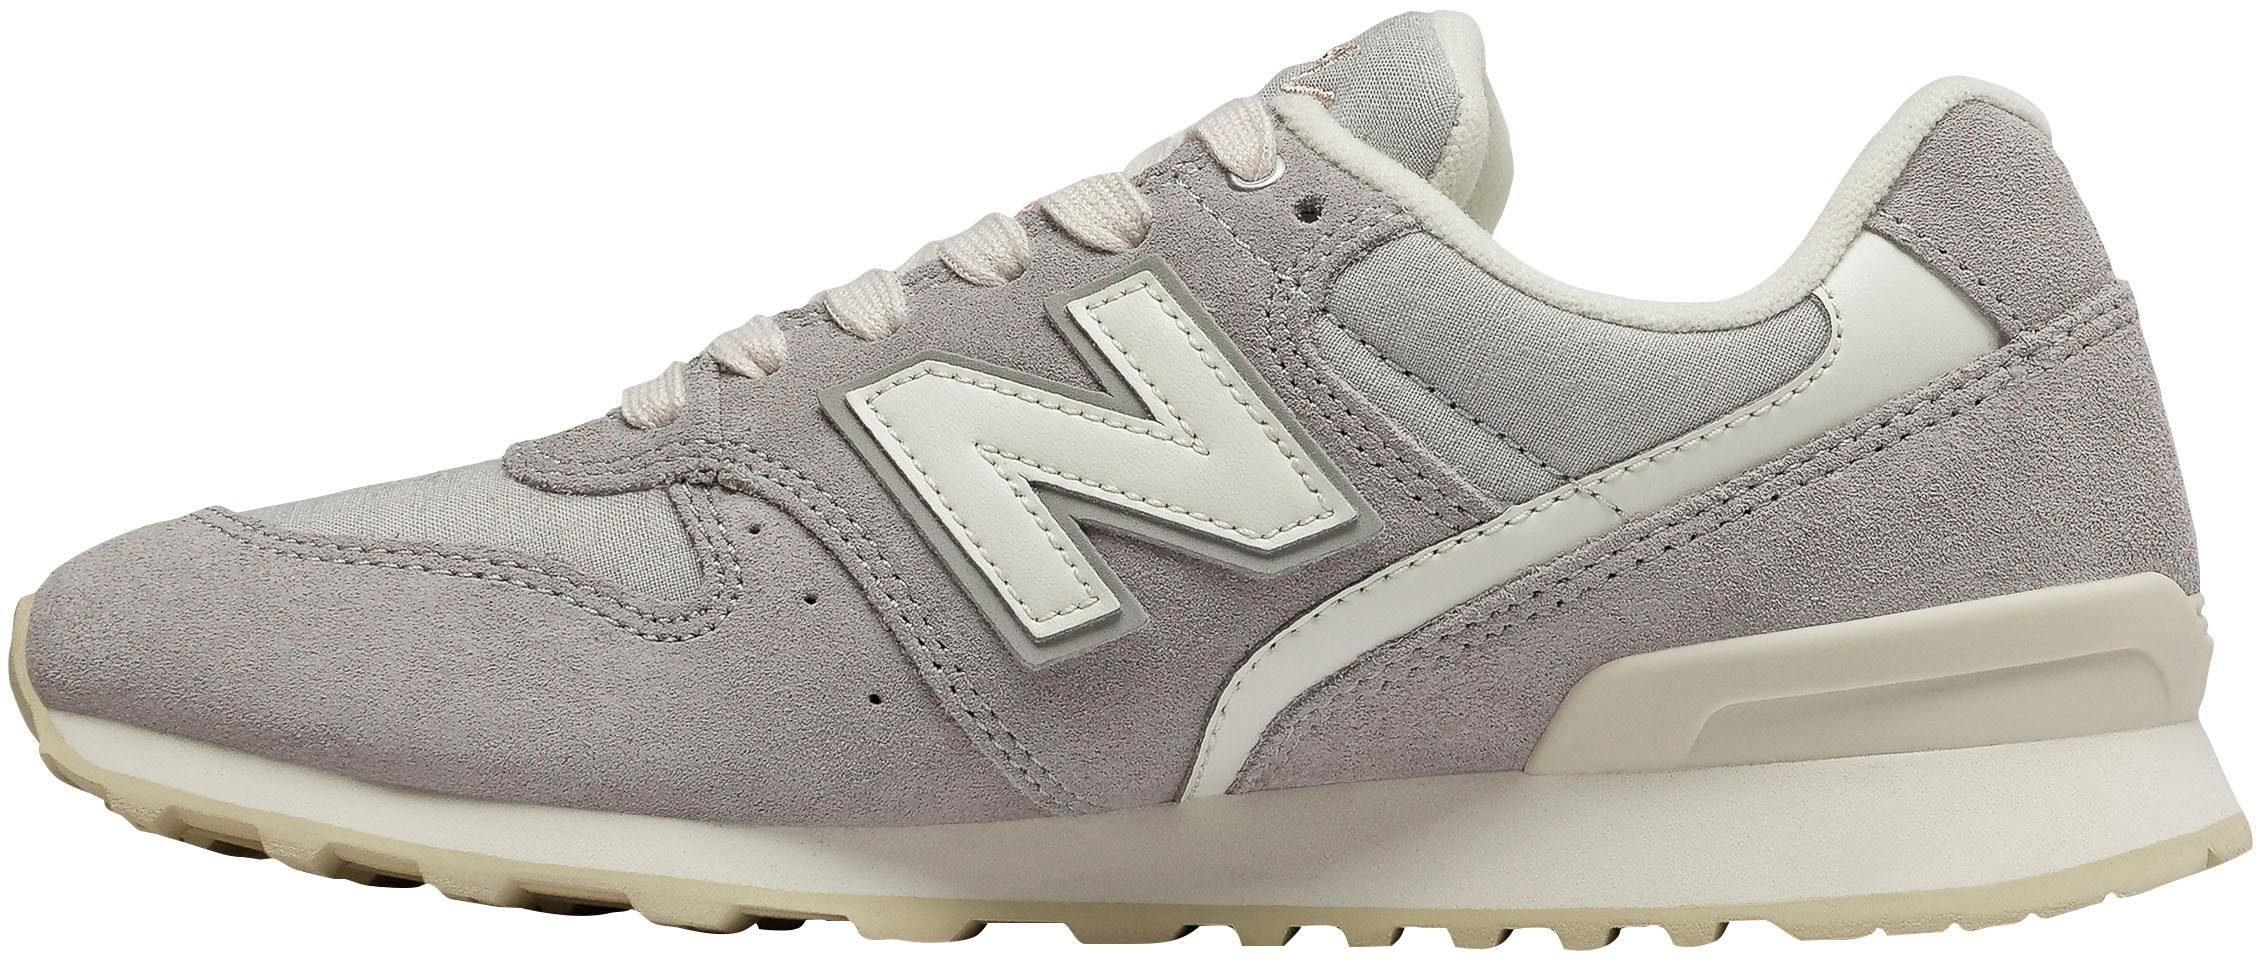 New Balance »WR 996« Sneaker online kaufen | OTTO